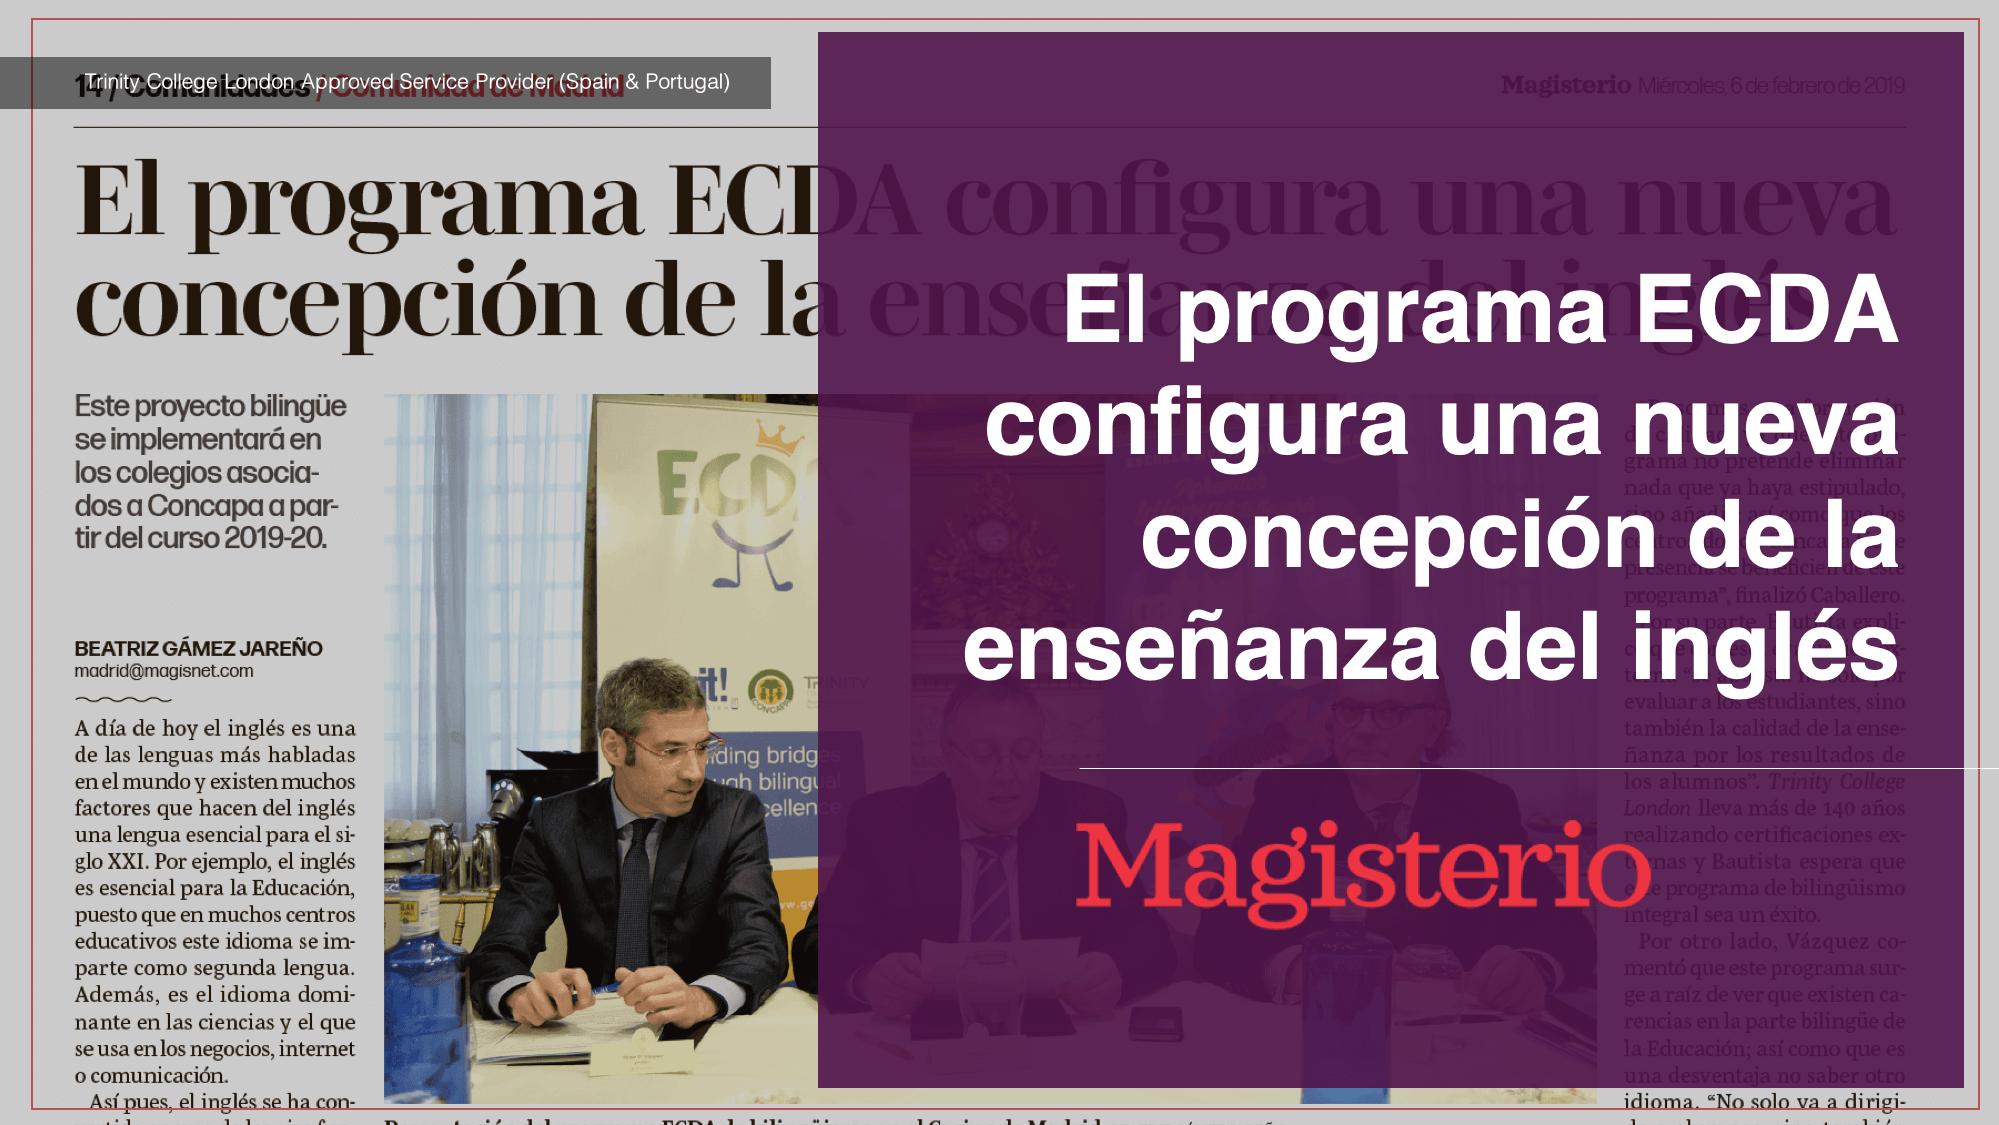 El programa ECDA configura una nueva concepción de la enseñanza del inglés